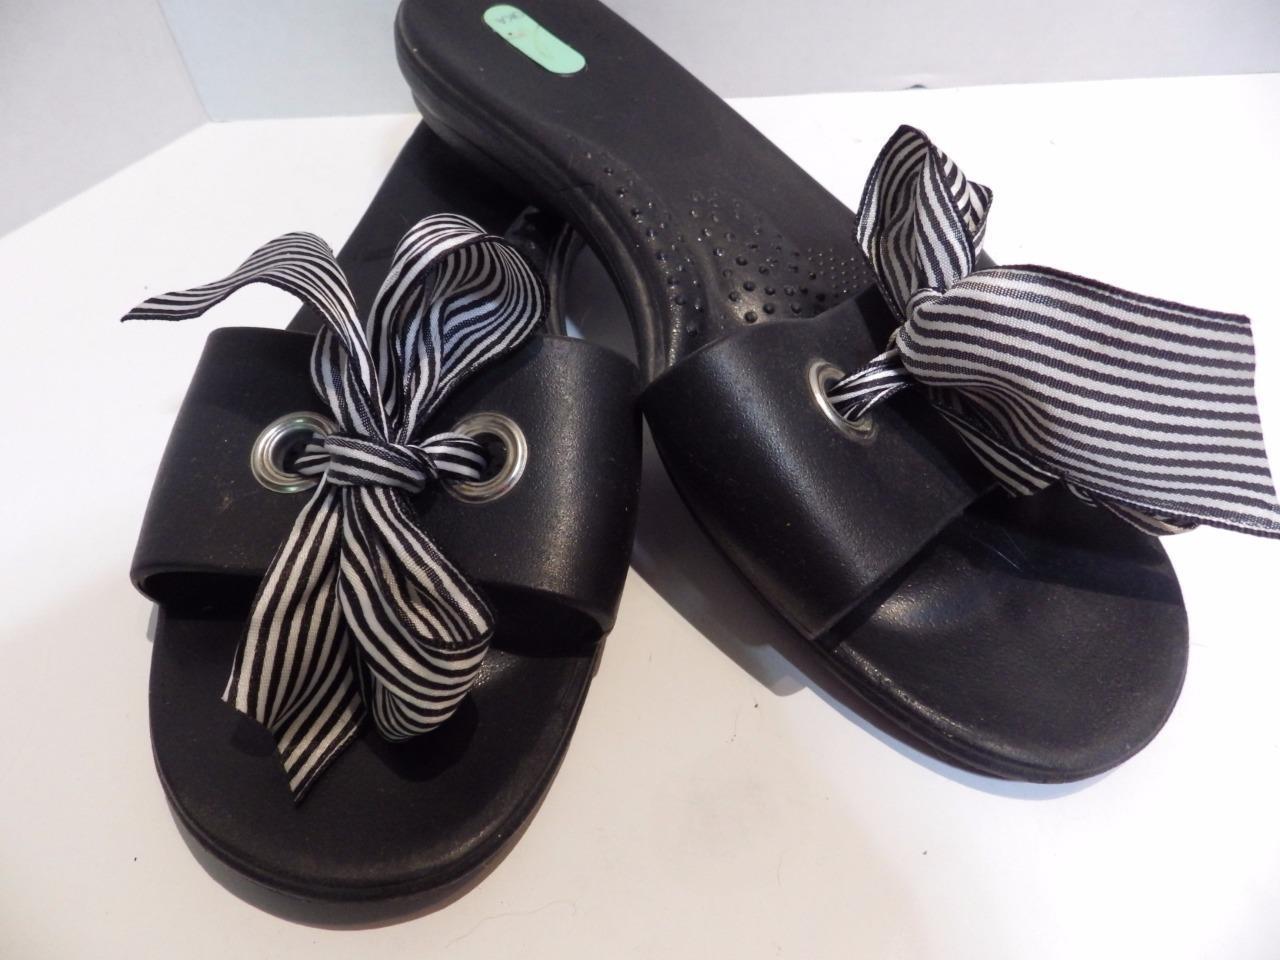 22d5f6a3e7062 Okabashi Oka B Sandal Flip Flop S Ribbon Bow and 50 similar items. S l1600